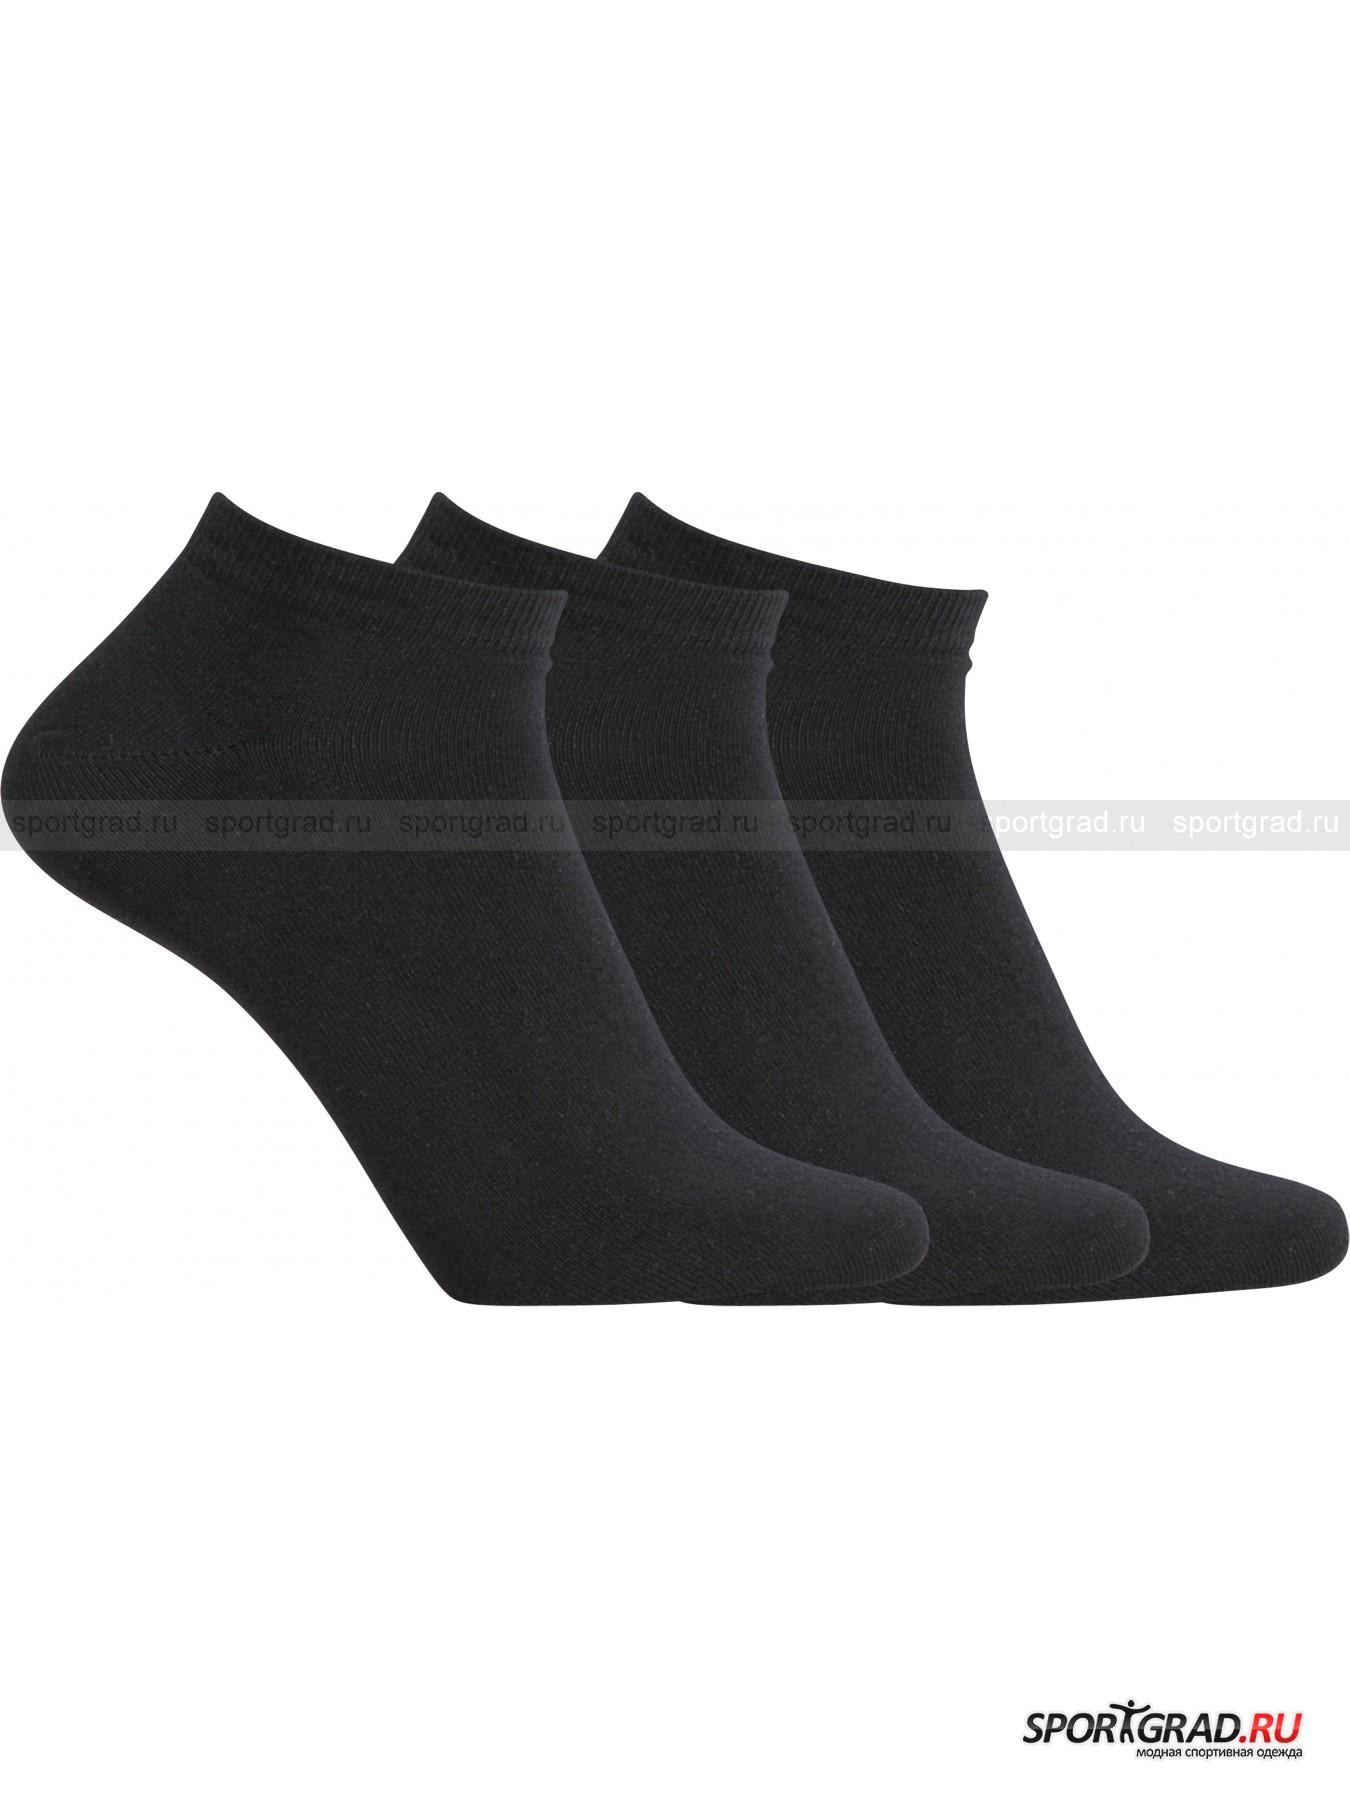 Набор коротких мужских носков 3-Pack Cotton Stretch CR7Носки<br>Базовый набор из трех пар мужских носков с укороченной верхней частью 3-Pack Cotton Stretch CR7. Плотный, мягкий, приятный на ощупь, превосходно тянущийся материал подарит ногам полный комфорт. Каждая пара декорирована небольшой надписью CR7.<br><br>Пол: Мужской<br>Возраст: Взрослый<br>Тип: Носки<br>Рекомендации по уходу: стирка при температуре до 40 С; не отбеливать; химчистка запрещена; не гладить; можно сушить в барабане стиральной машины<br>Состав: 80% хлопок, 19% полиамид, 1% эластан